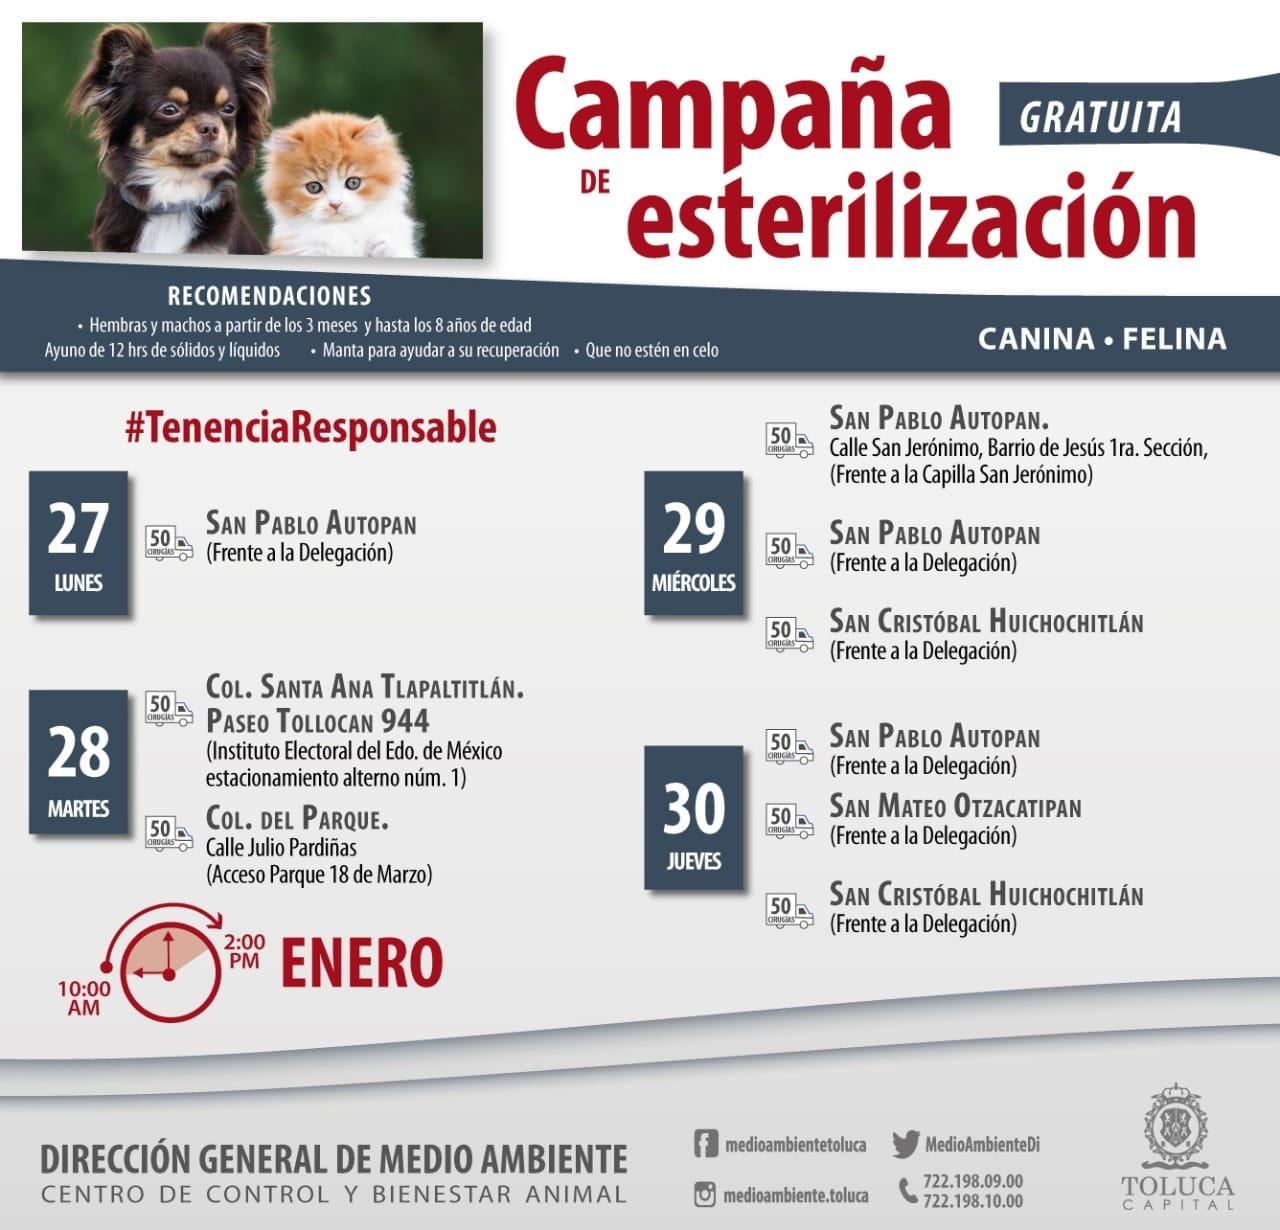 Calendario de esterilizaciones gratuitas en Toluca